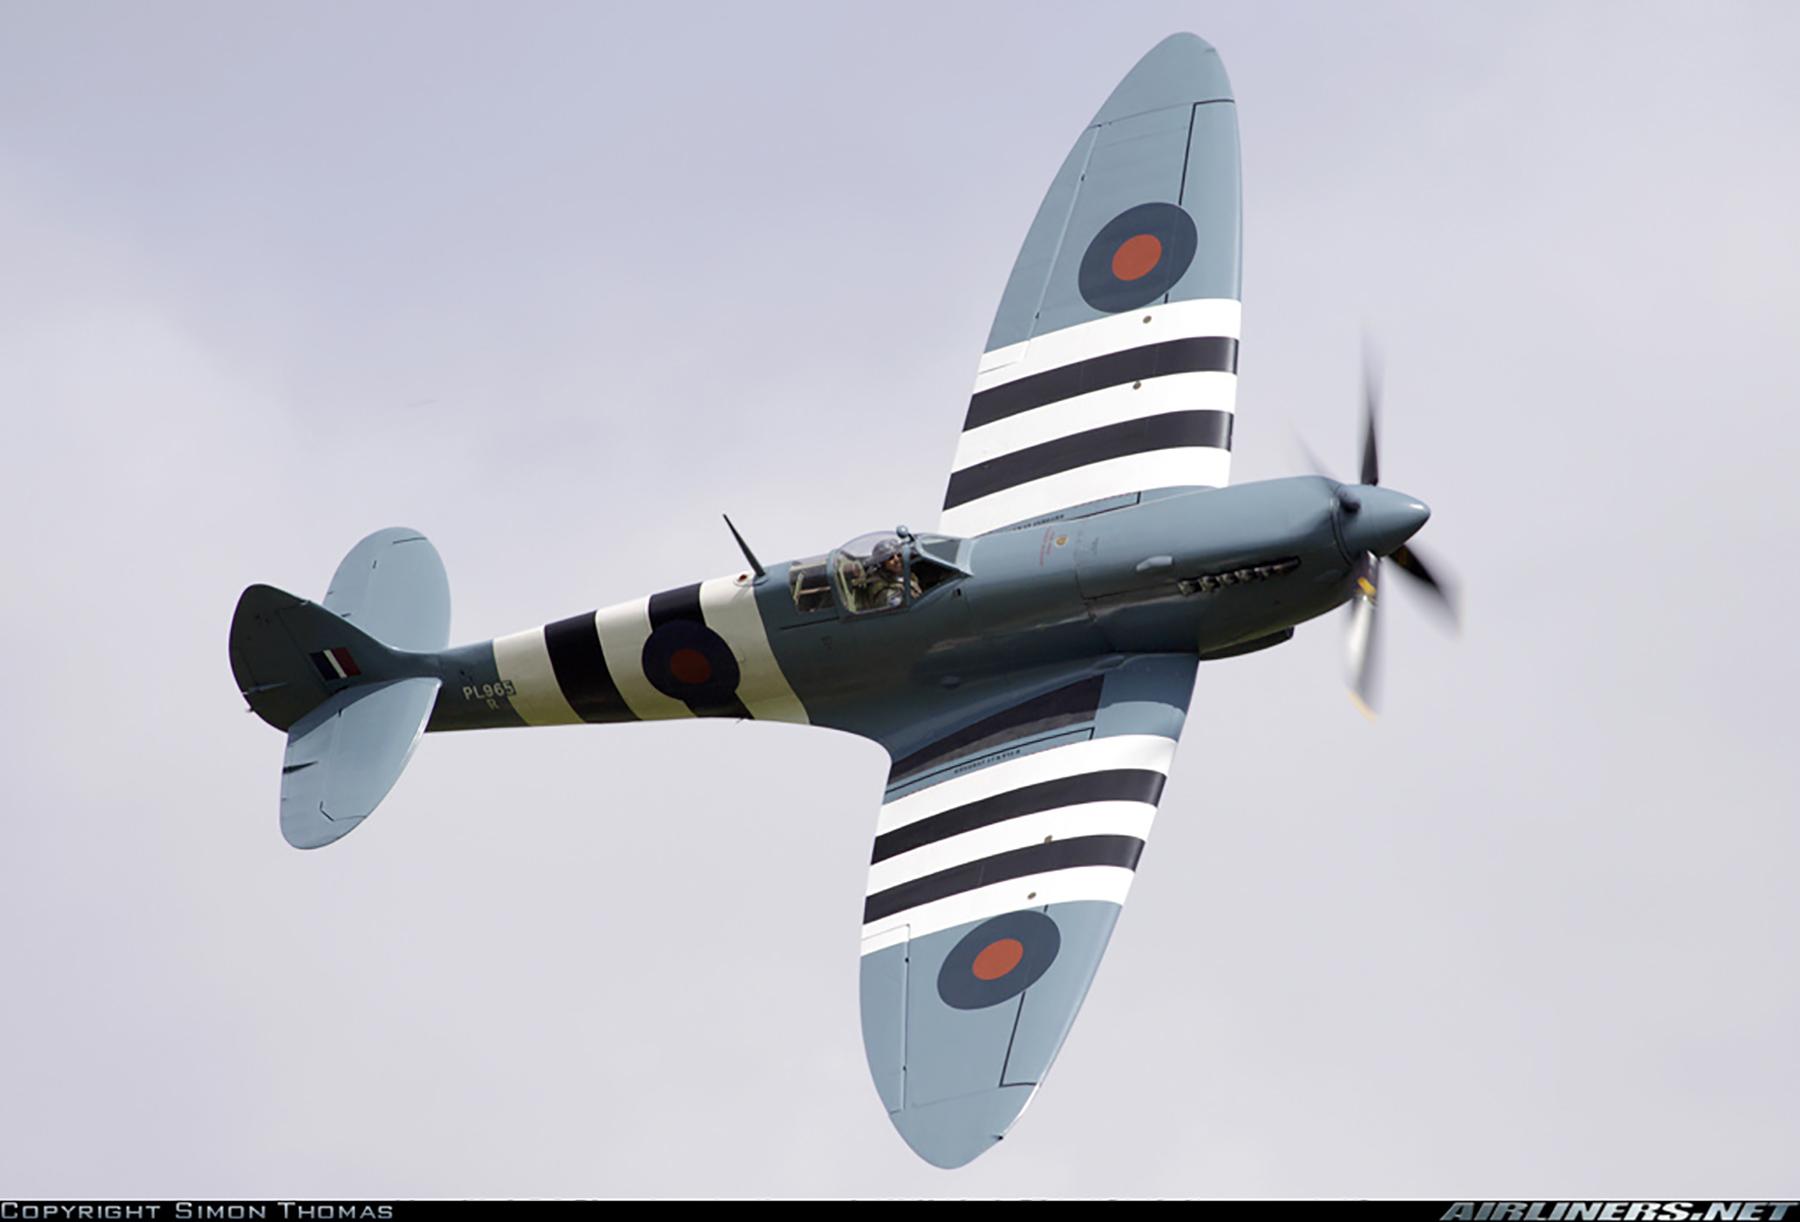 Airworthy Spitfire warbird PRXI RAF 16Sqn R PL965 41